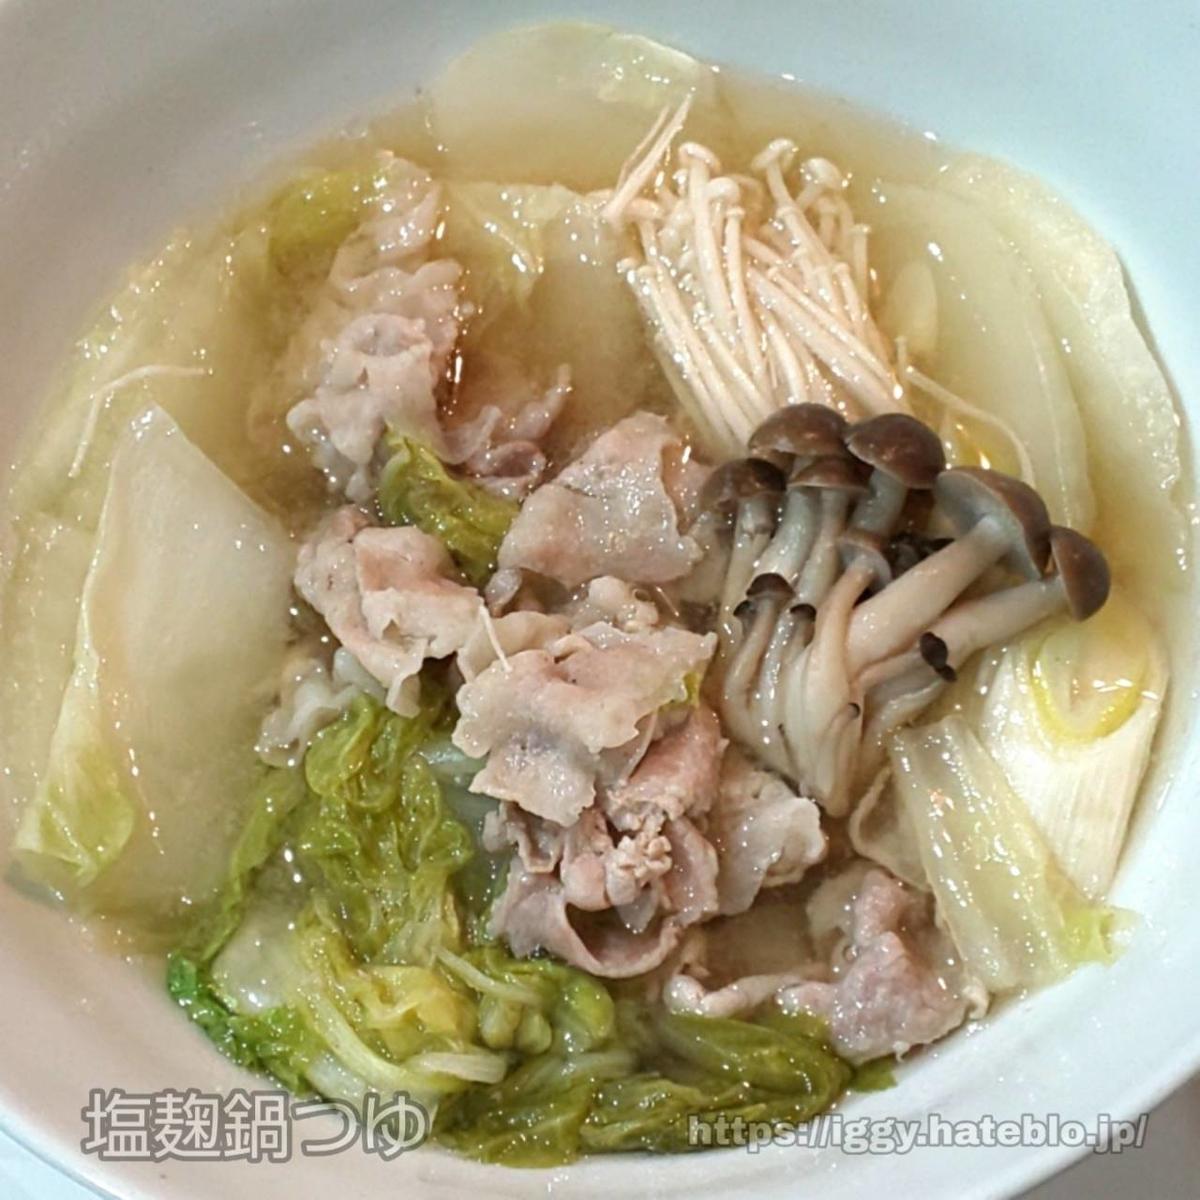 塩麴鍋つゆ① iggy2019